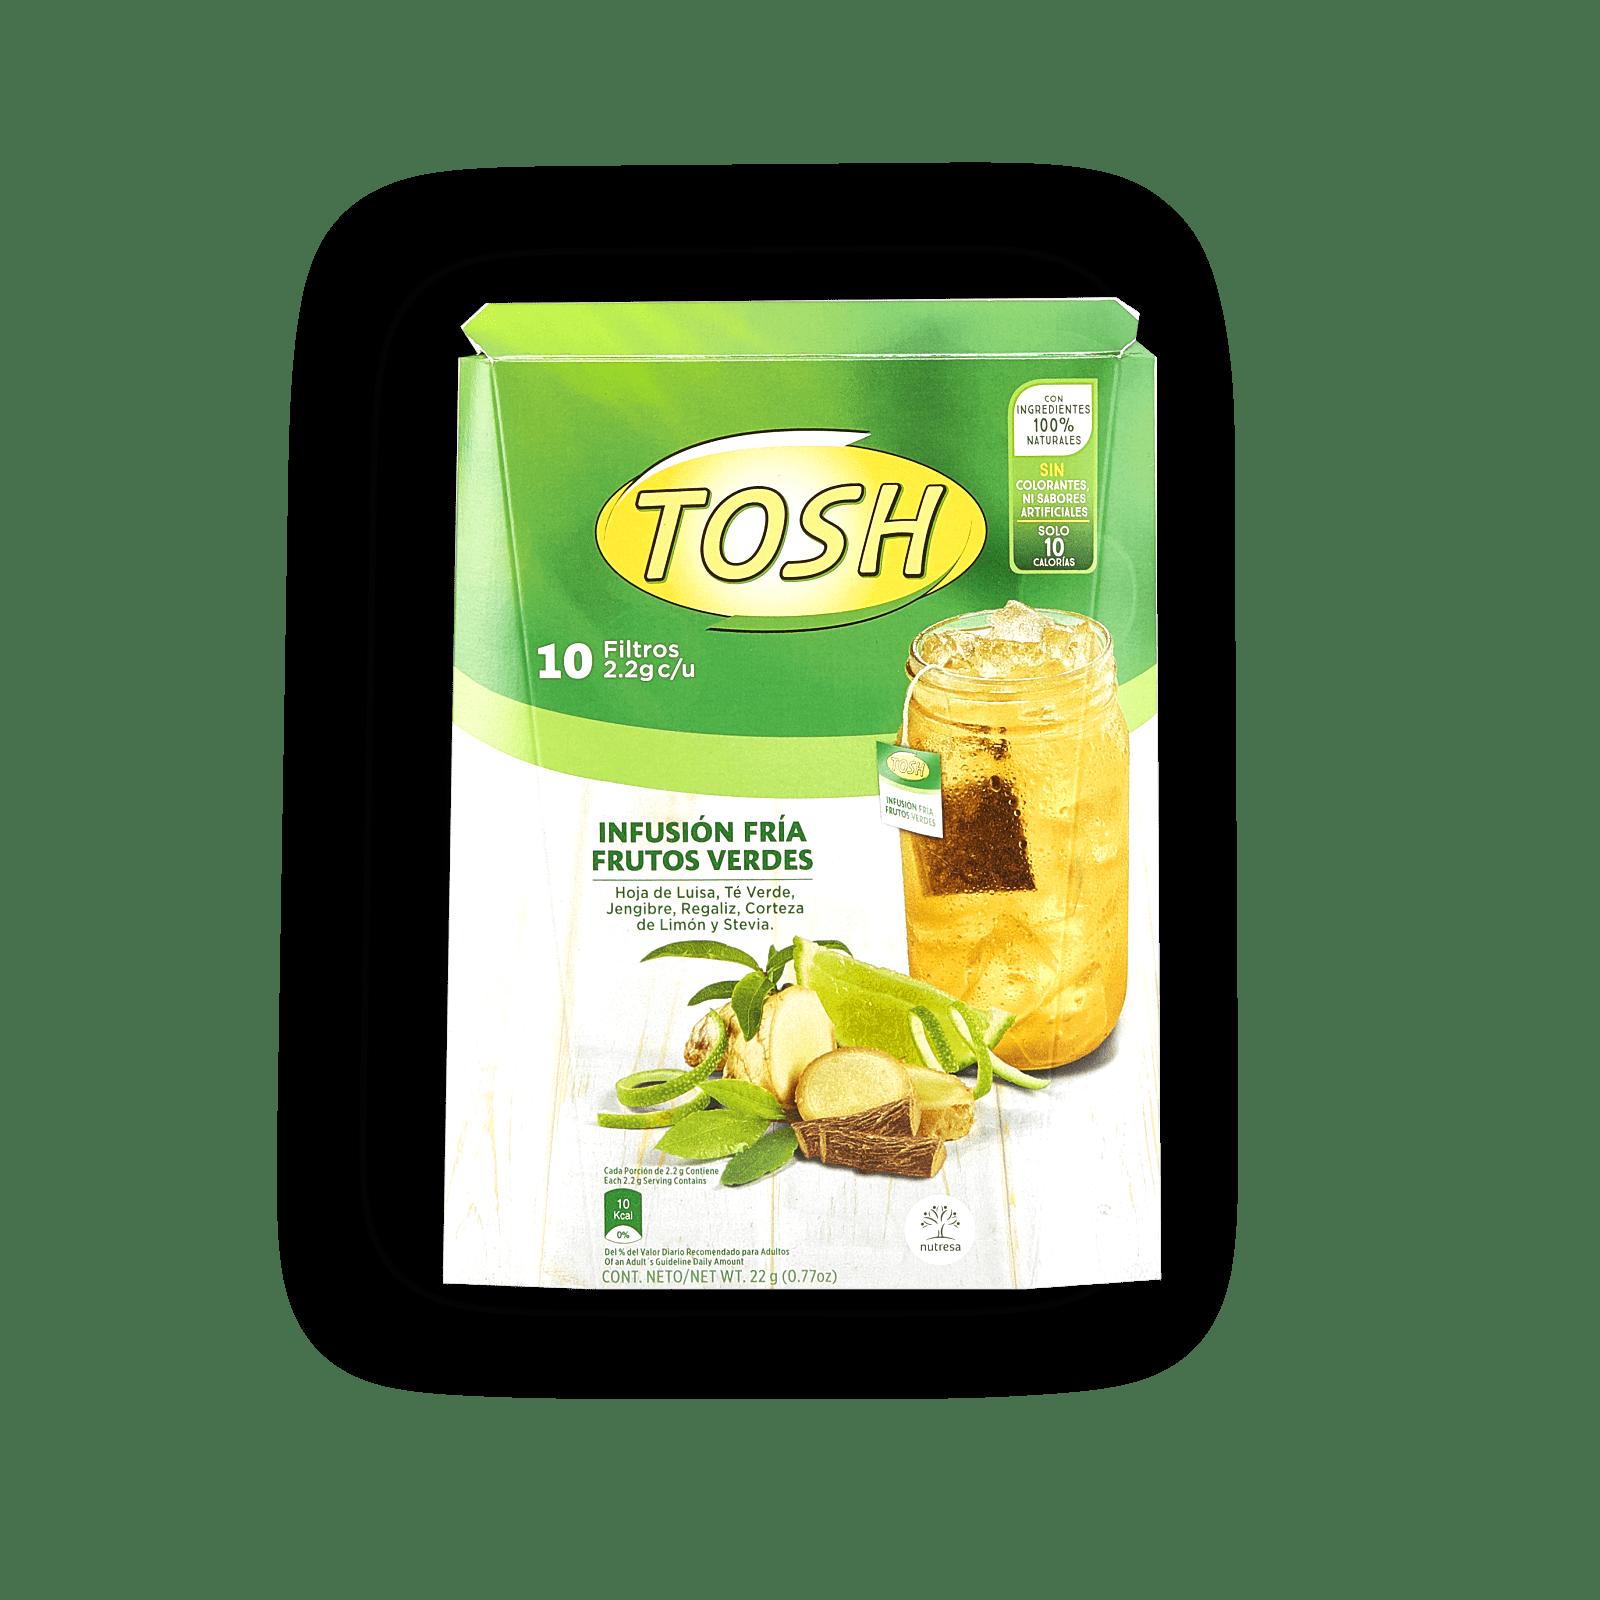 Infusión Fría Frutos Verdes